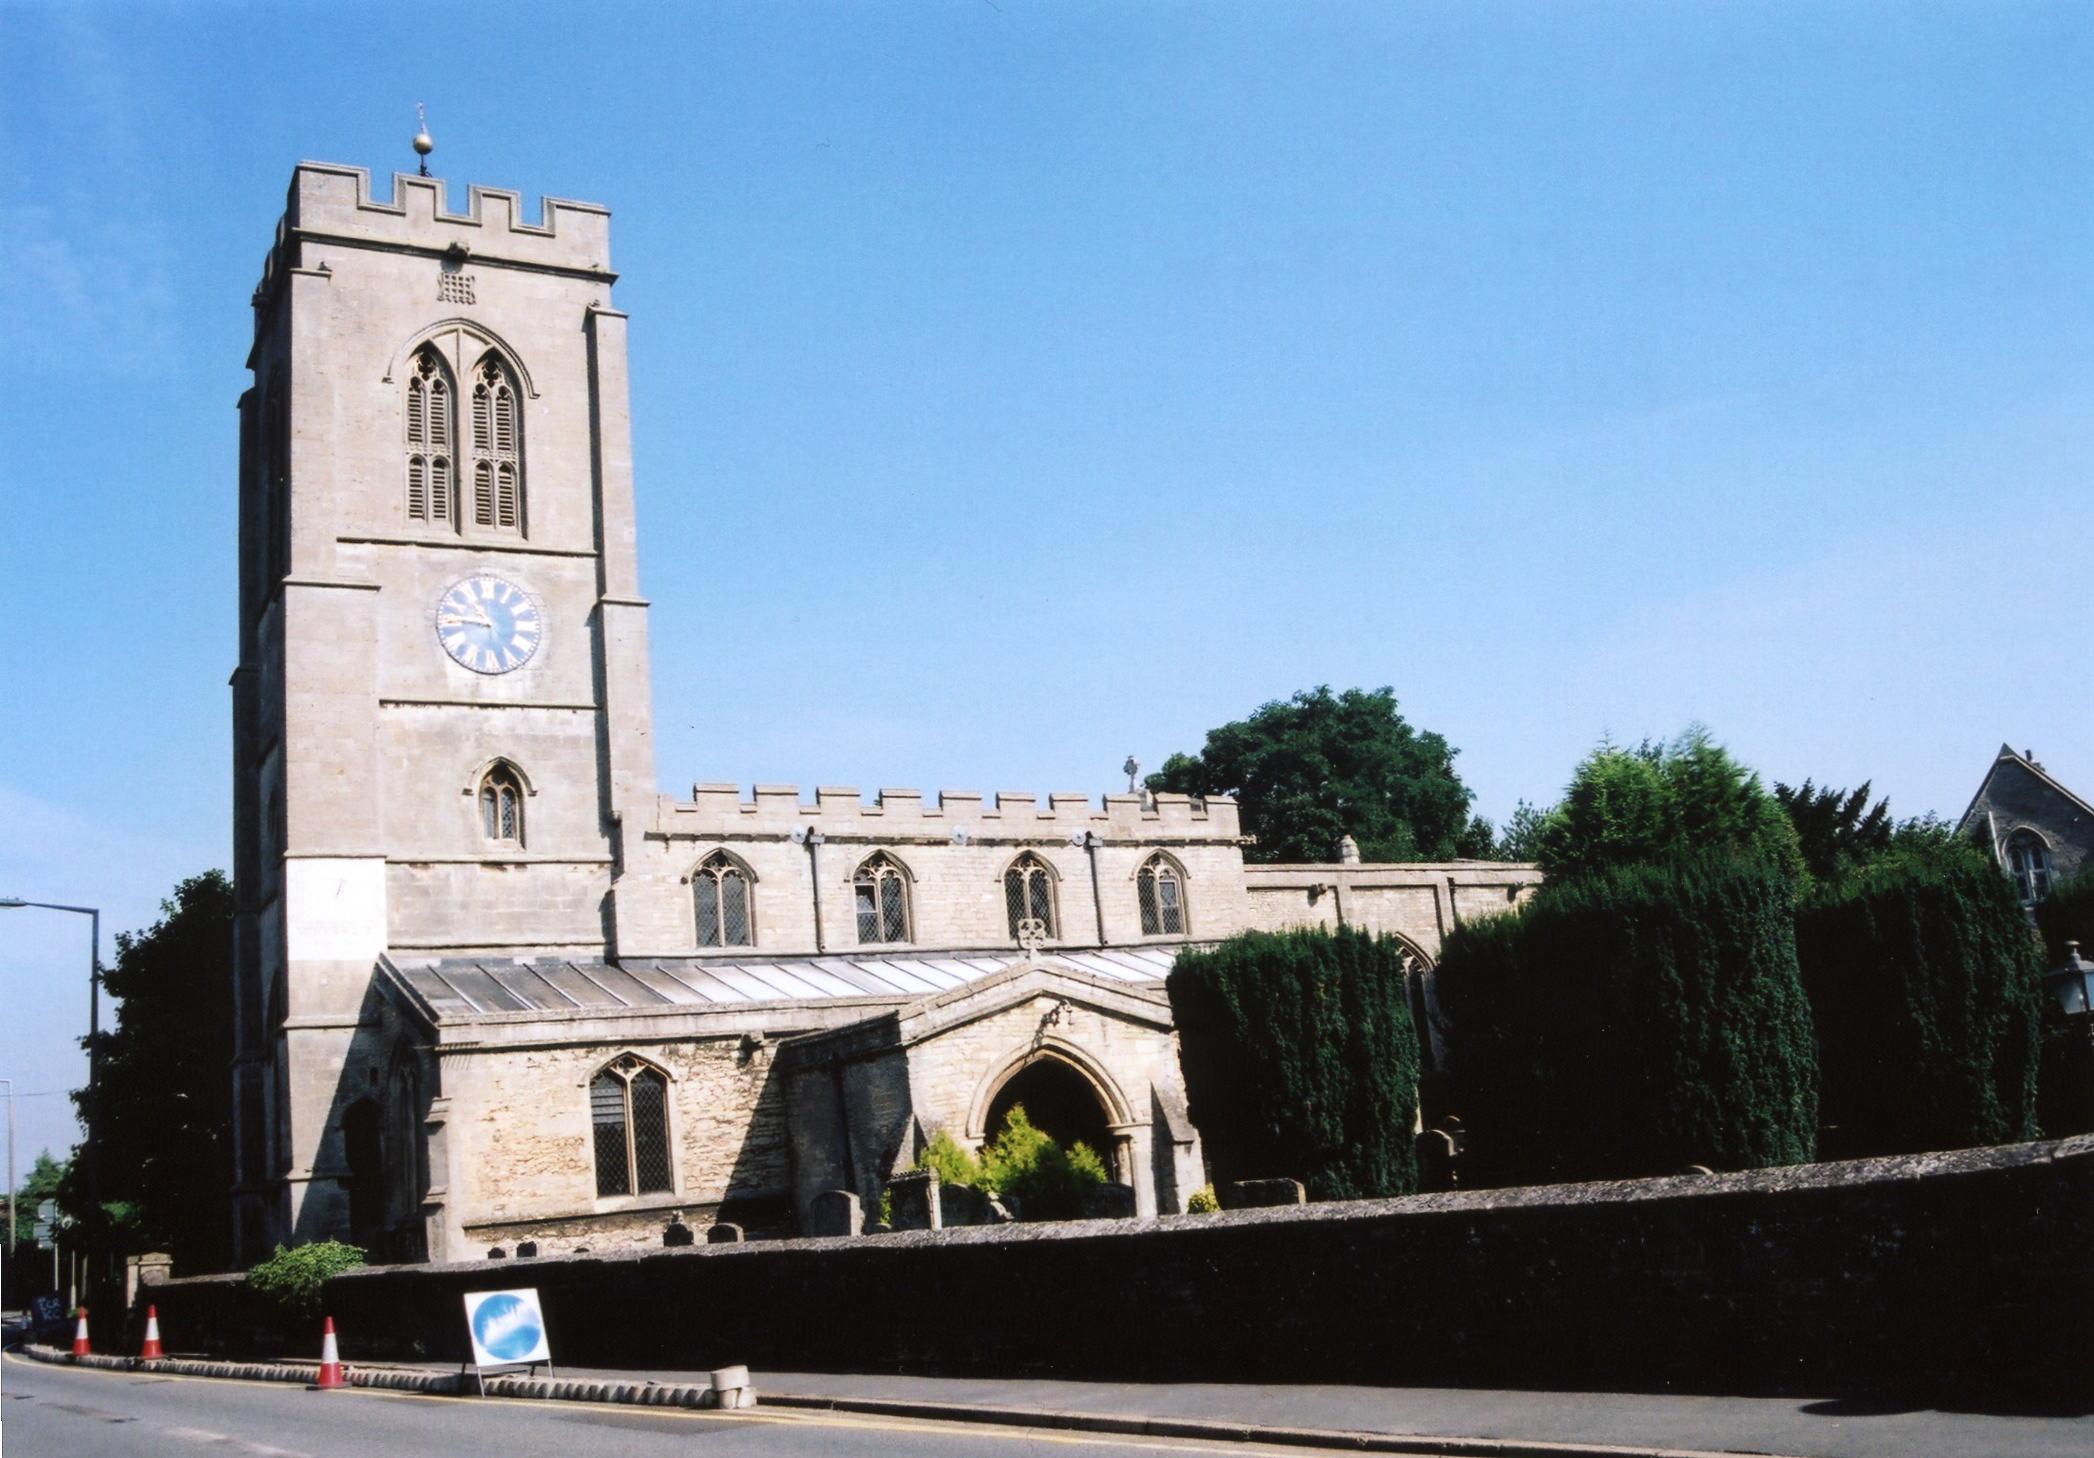 Market Deeping St. Guthlac Church